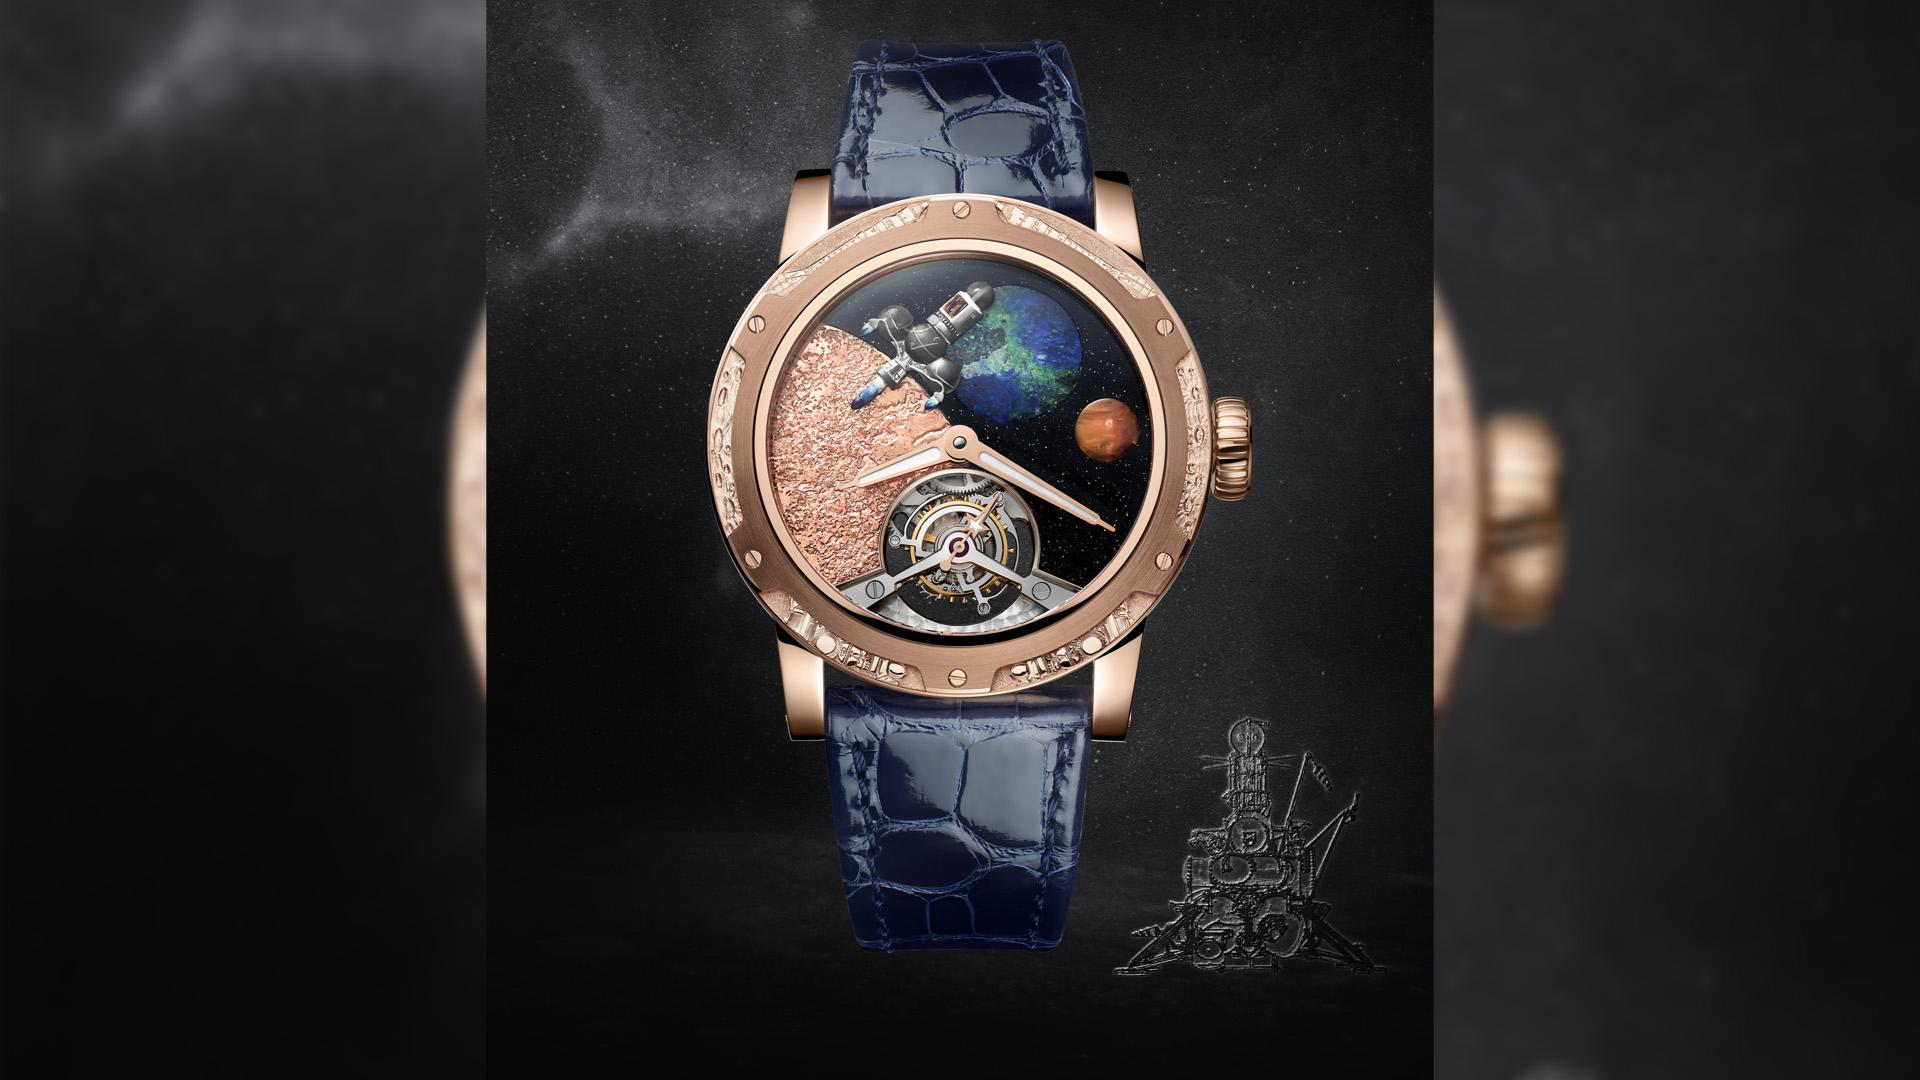 ملاحة الفضاء Moon Race تجسدها لويس موانيه بإصدارات ثمينة